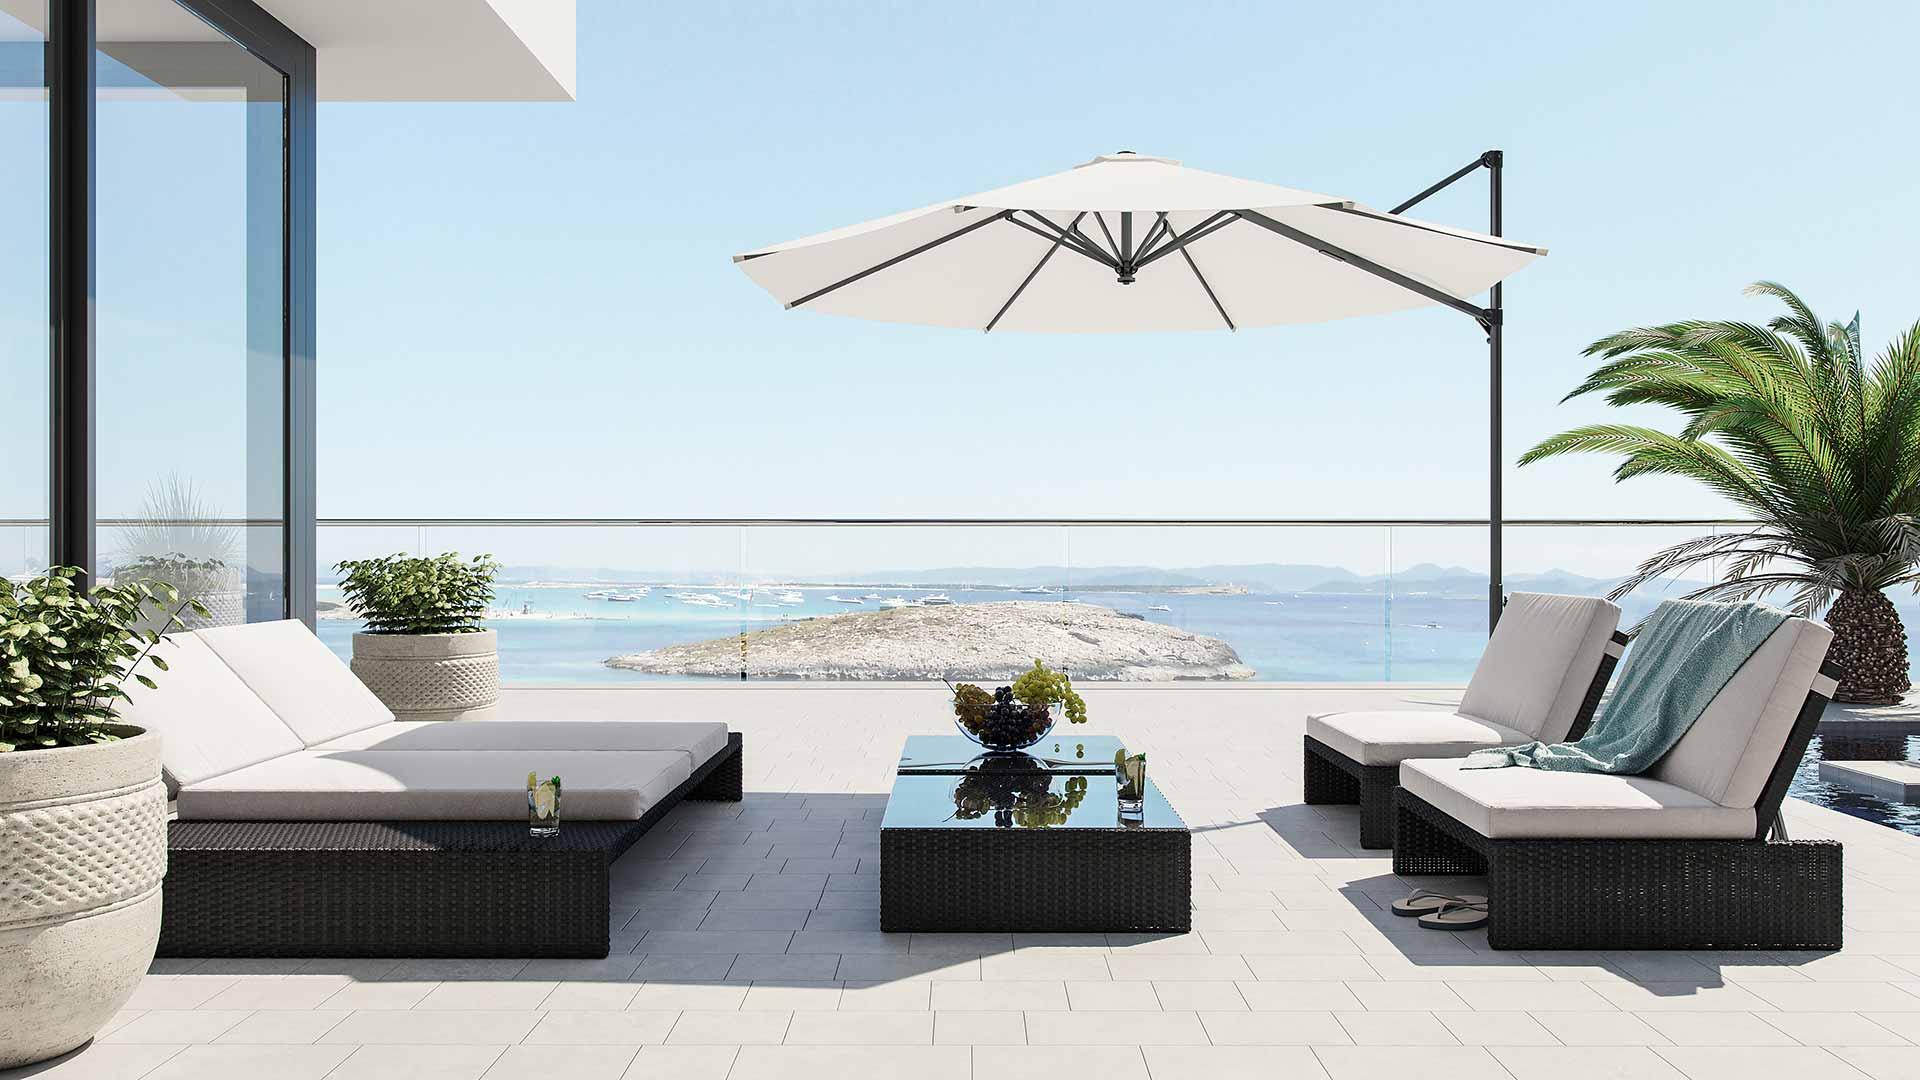 Artelia salotto chaise lounge estoria - Mobili da esterno in rattan ...